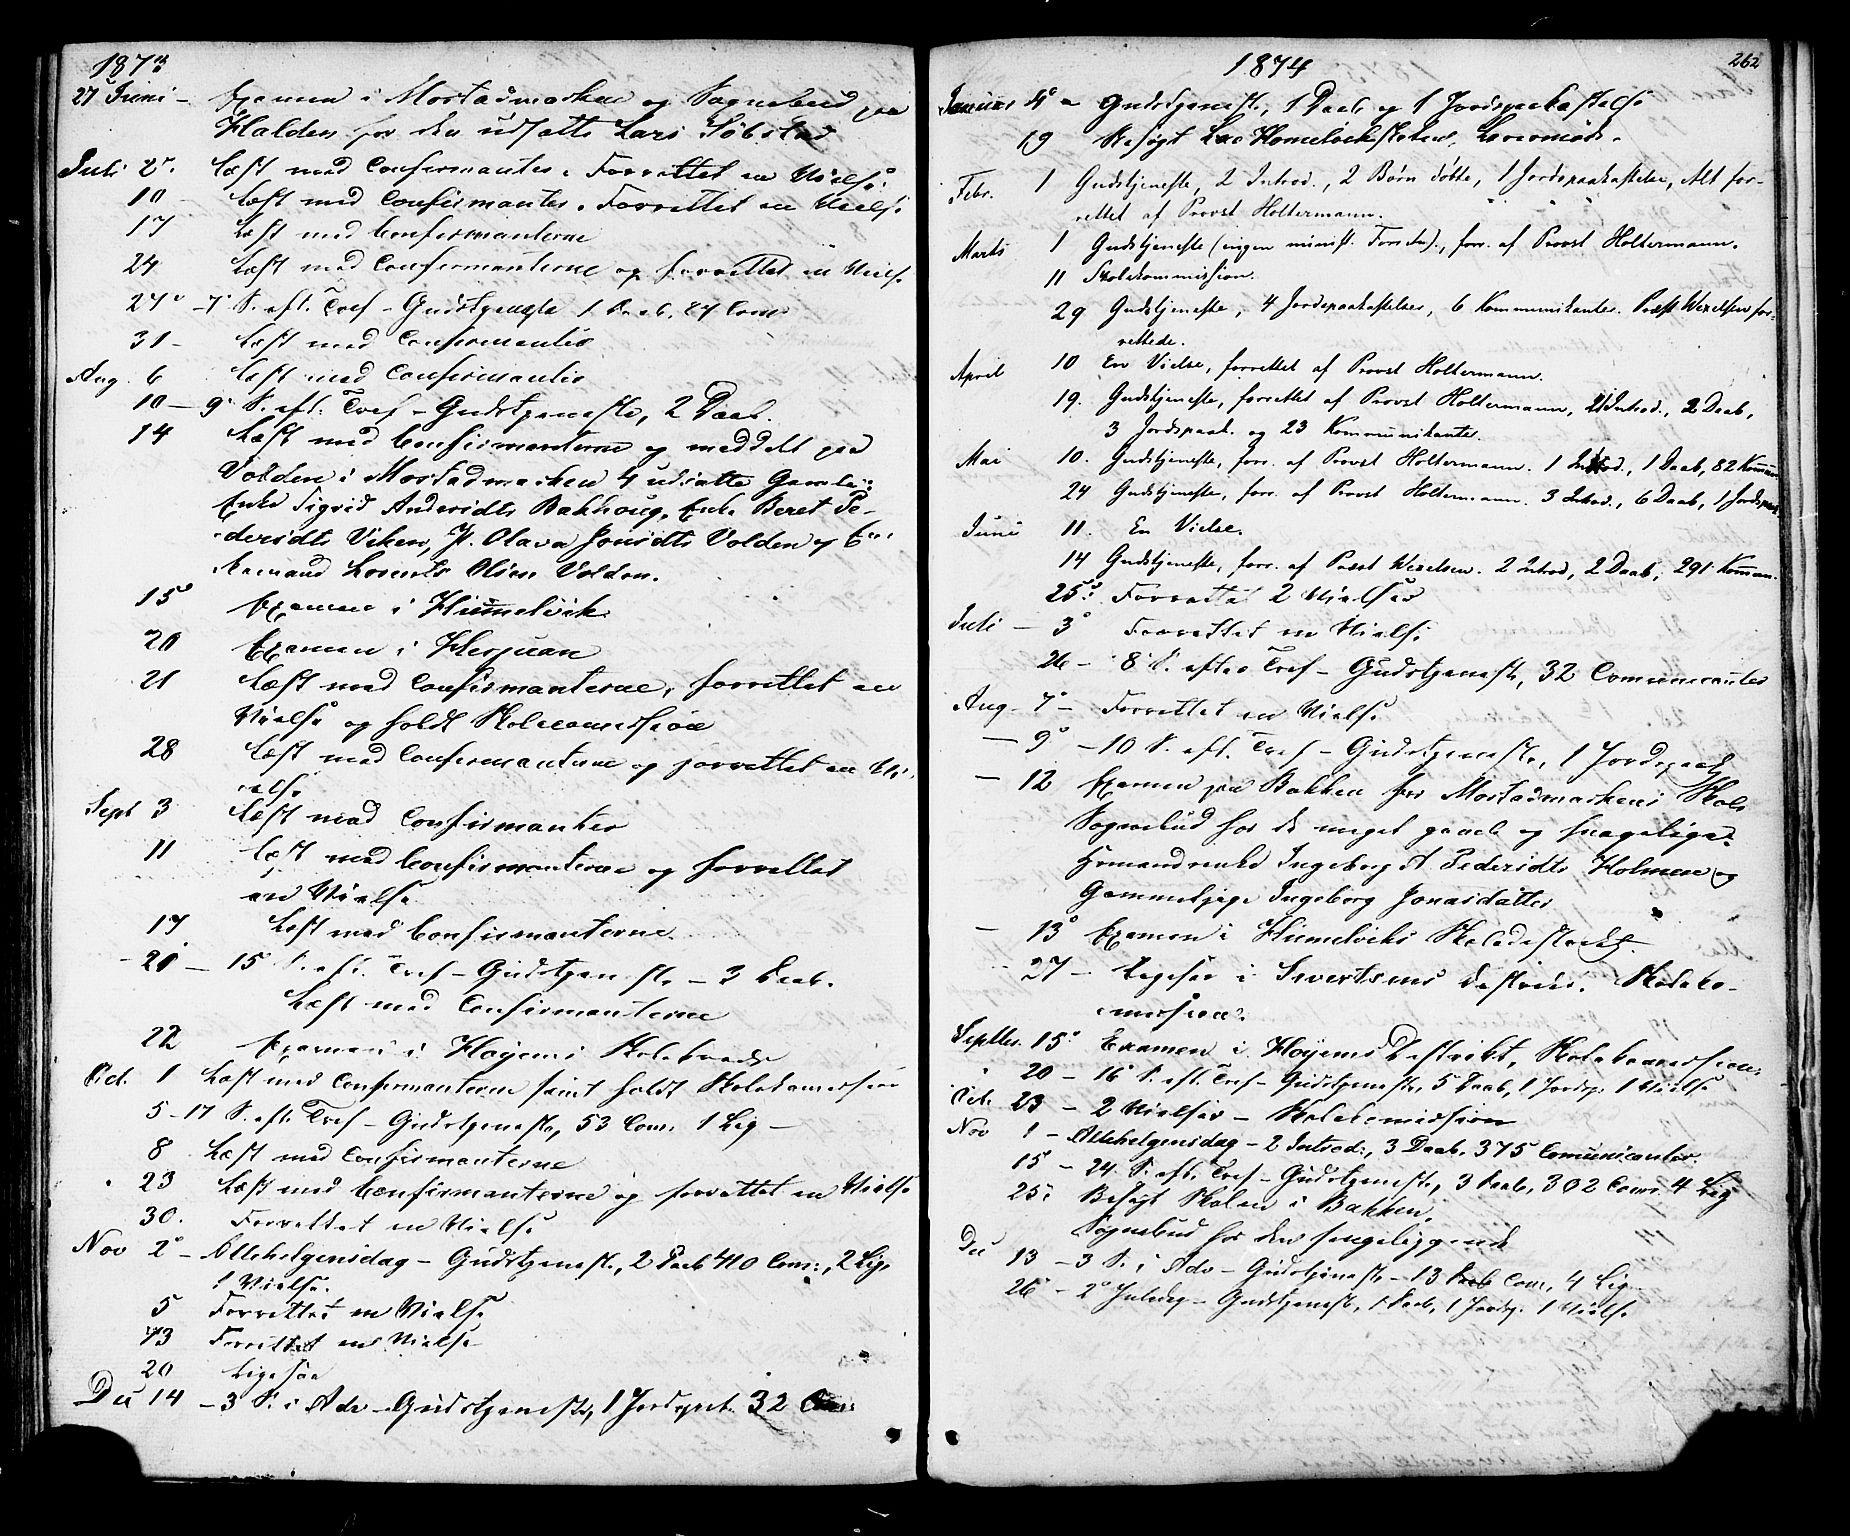 SAT, Ministerialprotokoller, klokkerbøker og fødselsregistre - Sør-Trøndelag, 616/L0409: Ministerialbok nr. 616A06, 1865-1877, s. 262